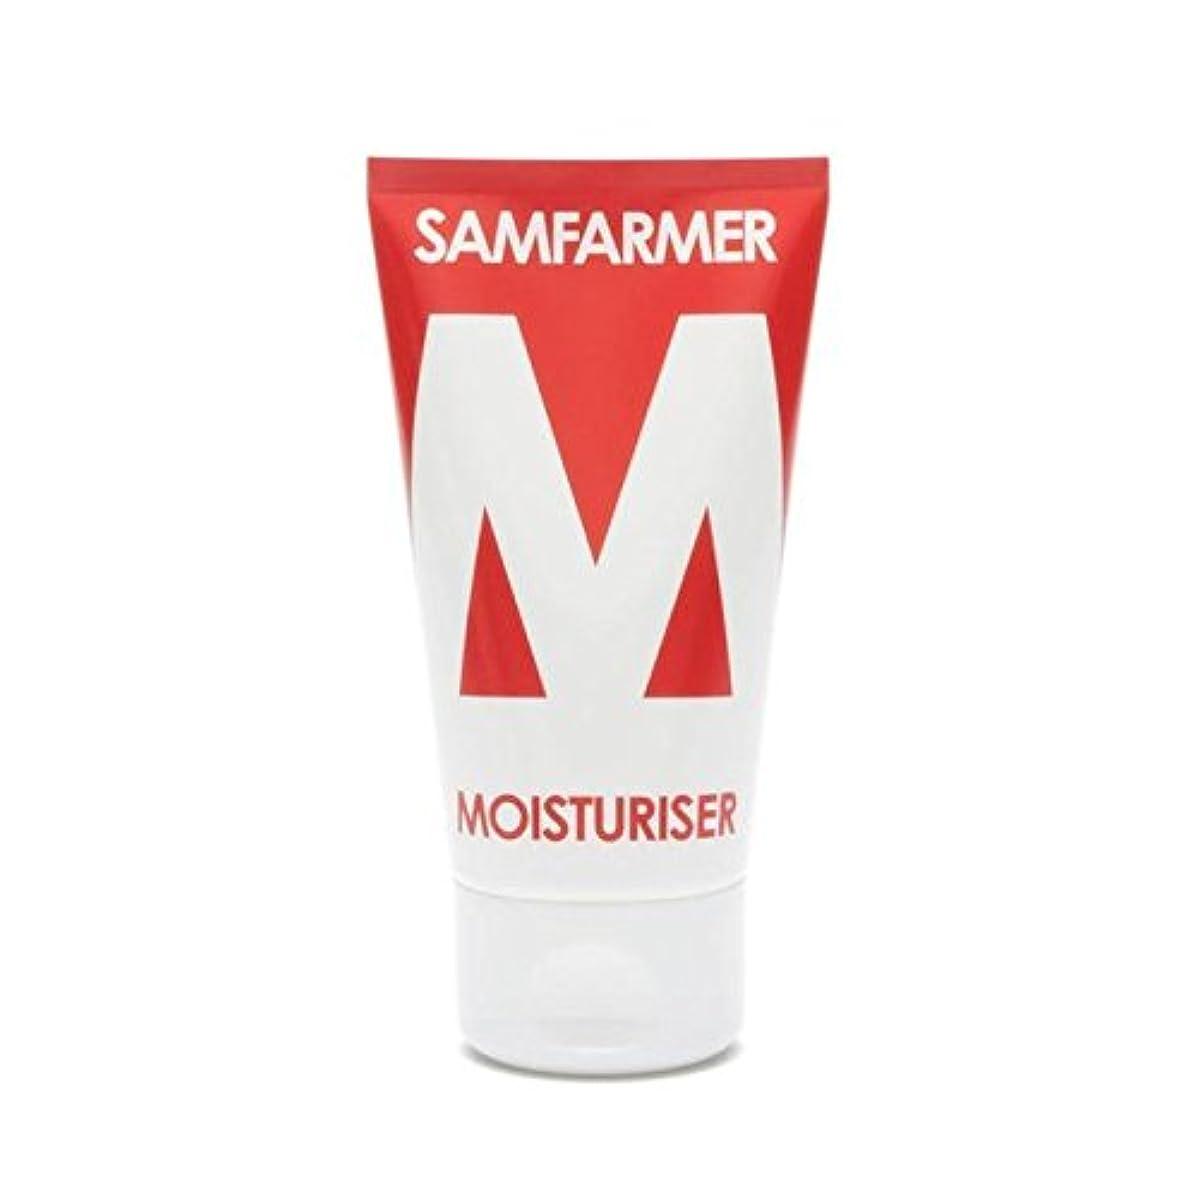 千欠席イルユニセックス保湿50ミリリットル x4 - SAMFARMER Unisex Moisturiser 50ml (Pack of 4) [並行輸入品]